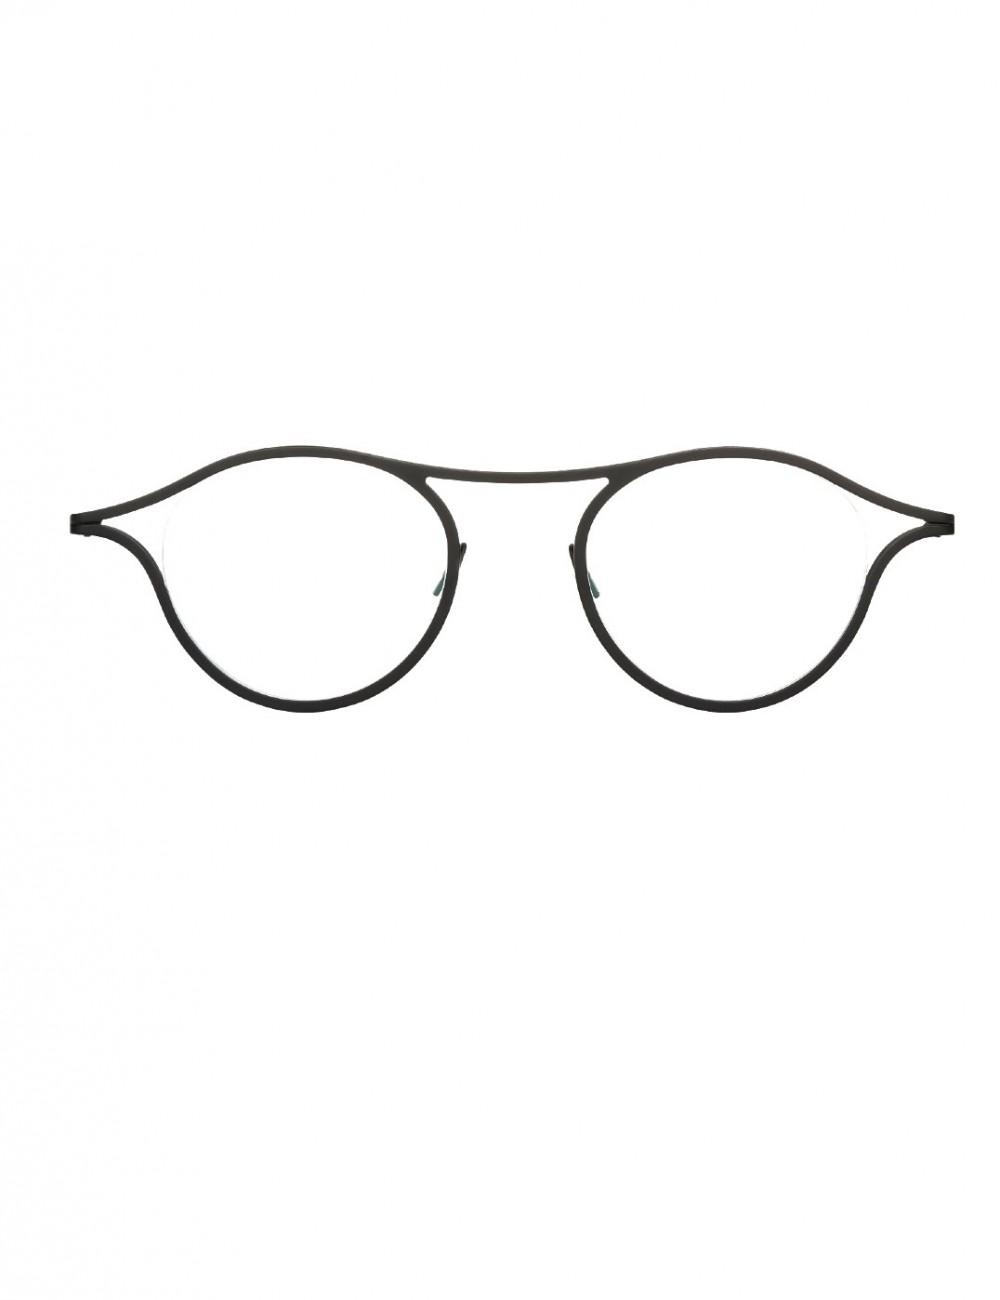 Komorebi Komorebi Velma night black  EyewearShop Online